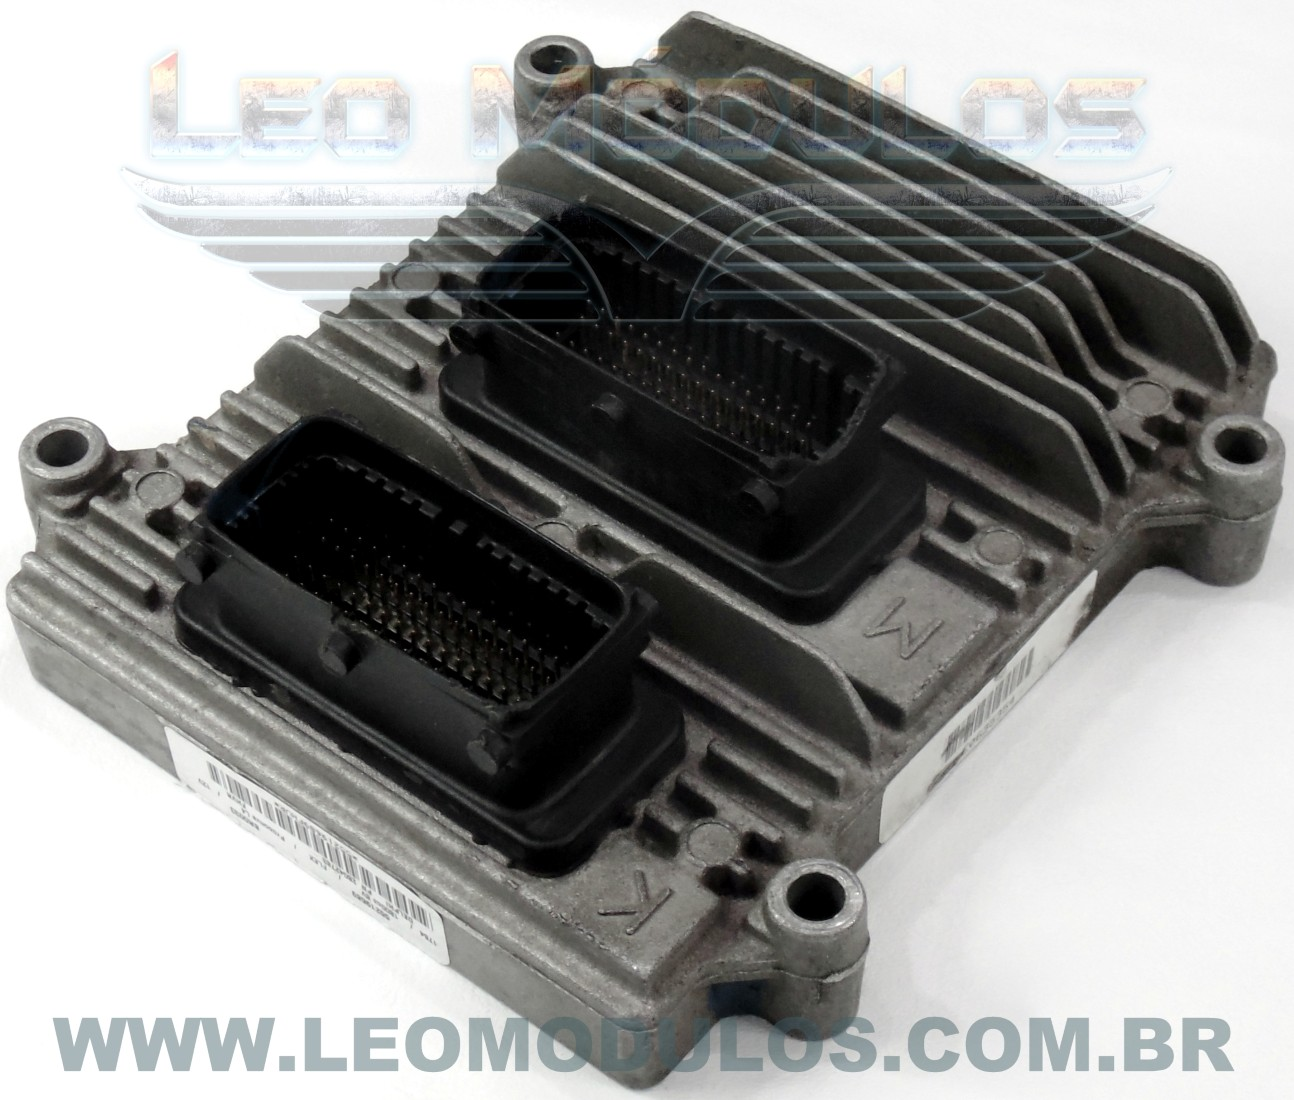 Módulo de injeção multec HSFI 2.3 - FHVR 55219689 - Fiat Palio Strada 1.8 8V - FHVR - Leo Módulos